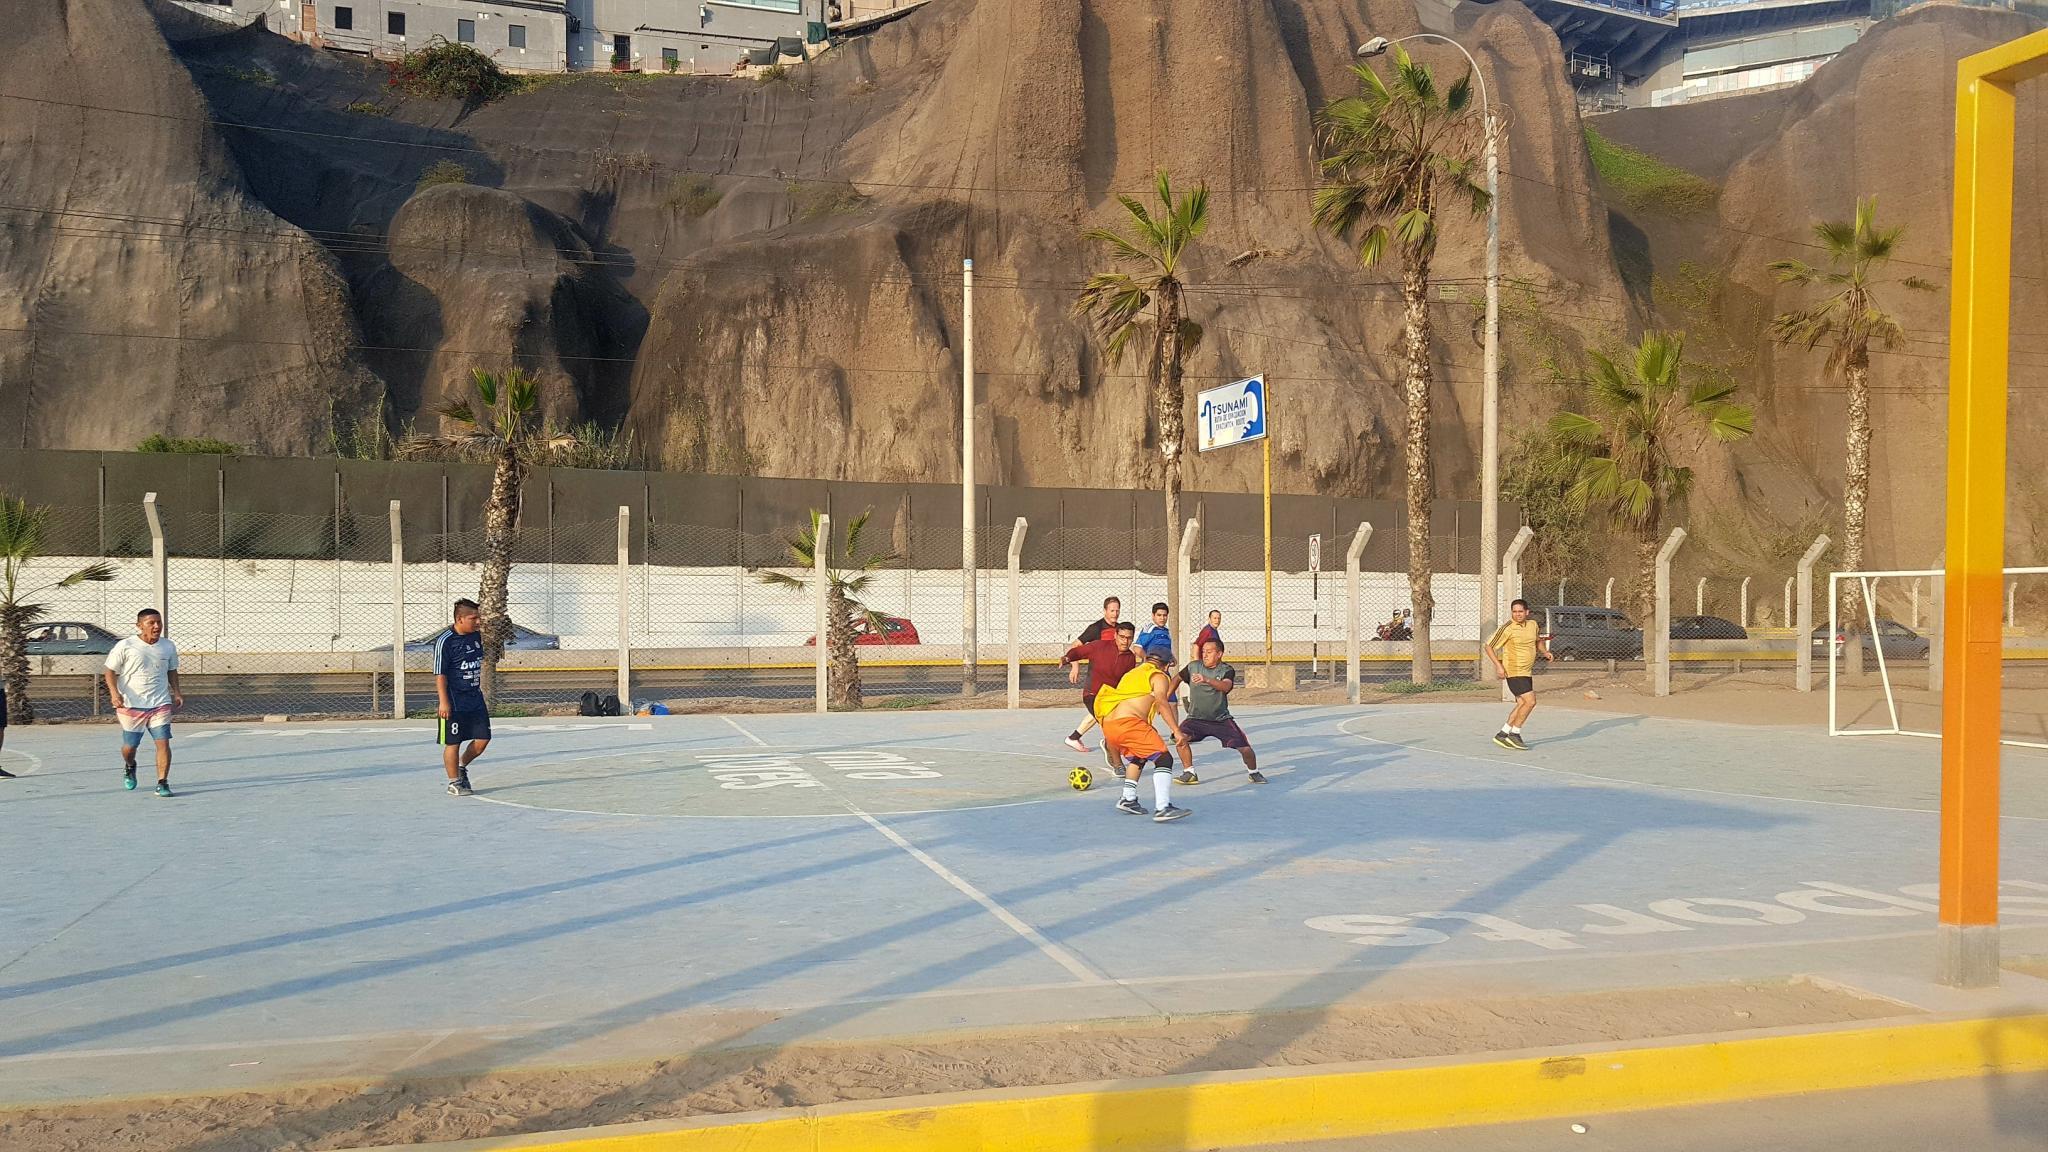 Peru: Lima, Cusco and Machu Picchu-football-jpg